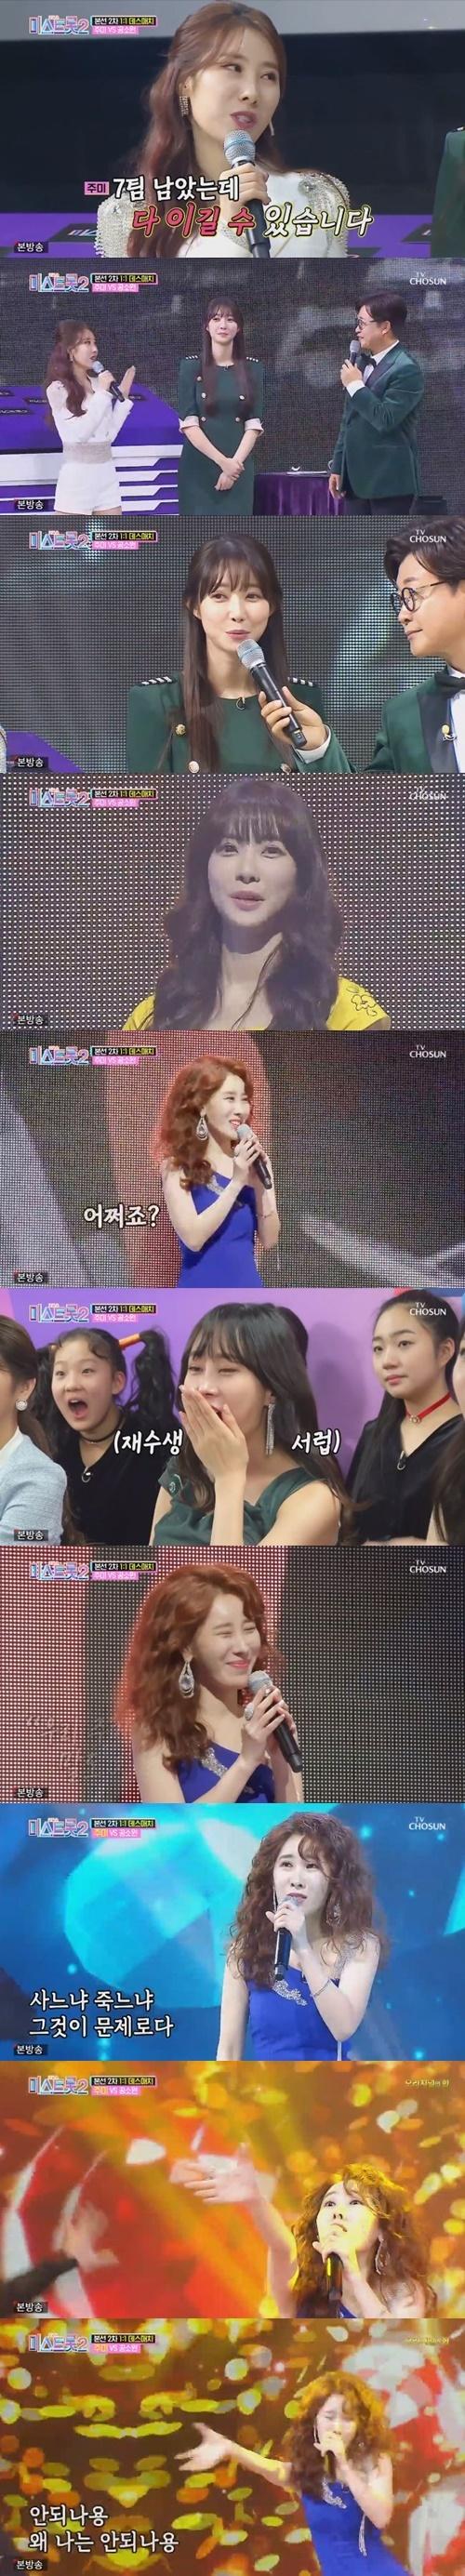 '미스트롯2' 주미 공소원 사진=TV조선 예능프로그램 '미스트롯2' 캡처